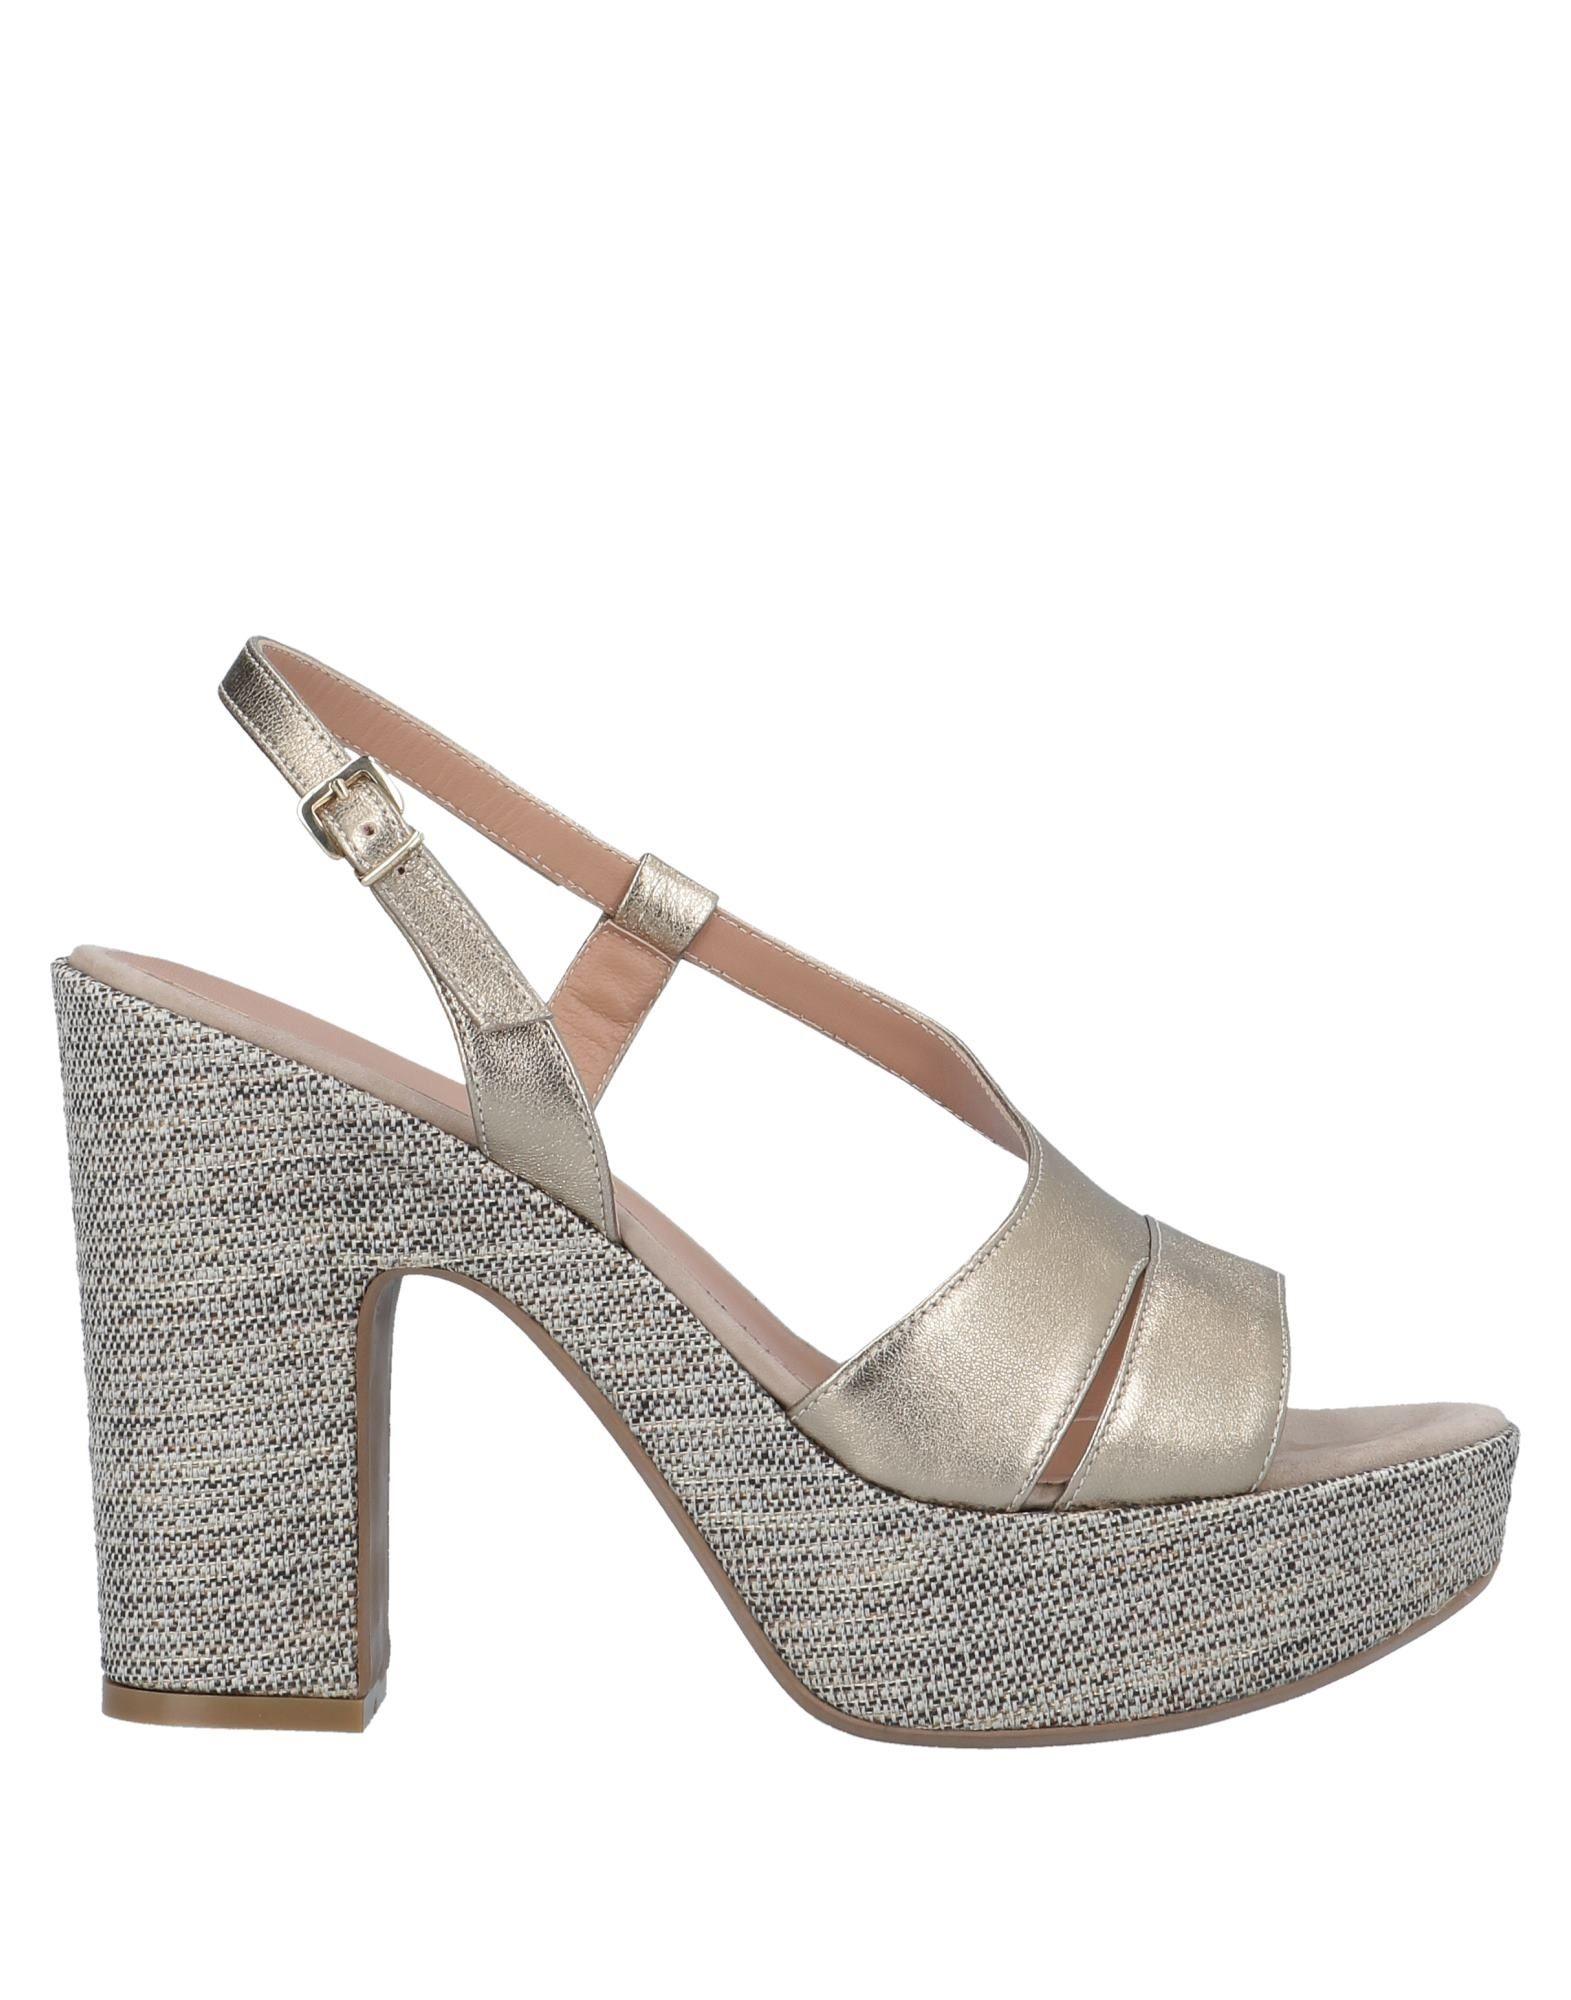 GIANMARCO SORELLI | GIANMARCO SORELLI Sandals 11713009 | Goxip